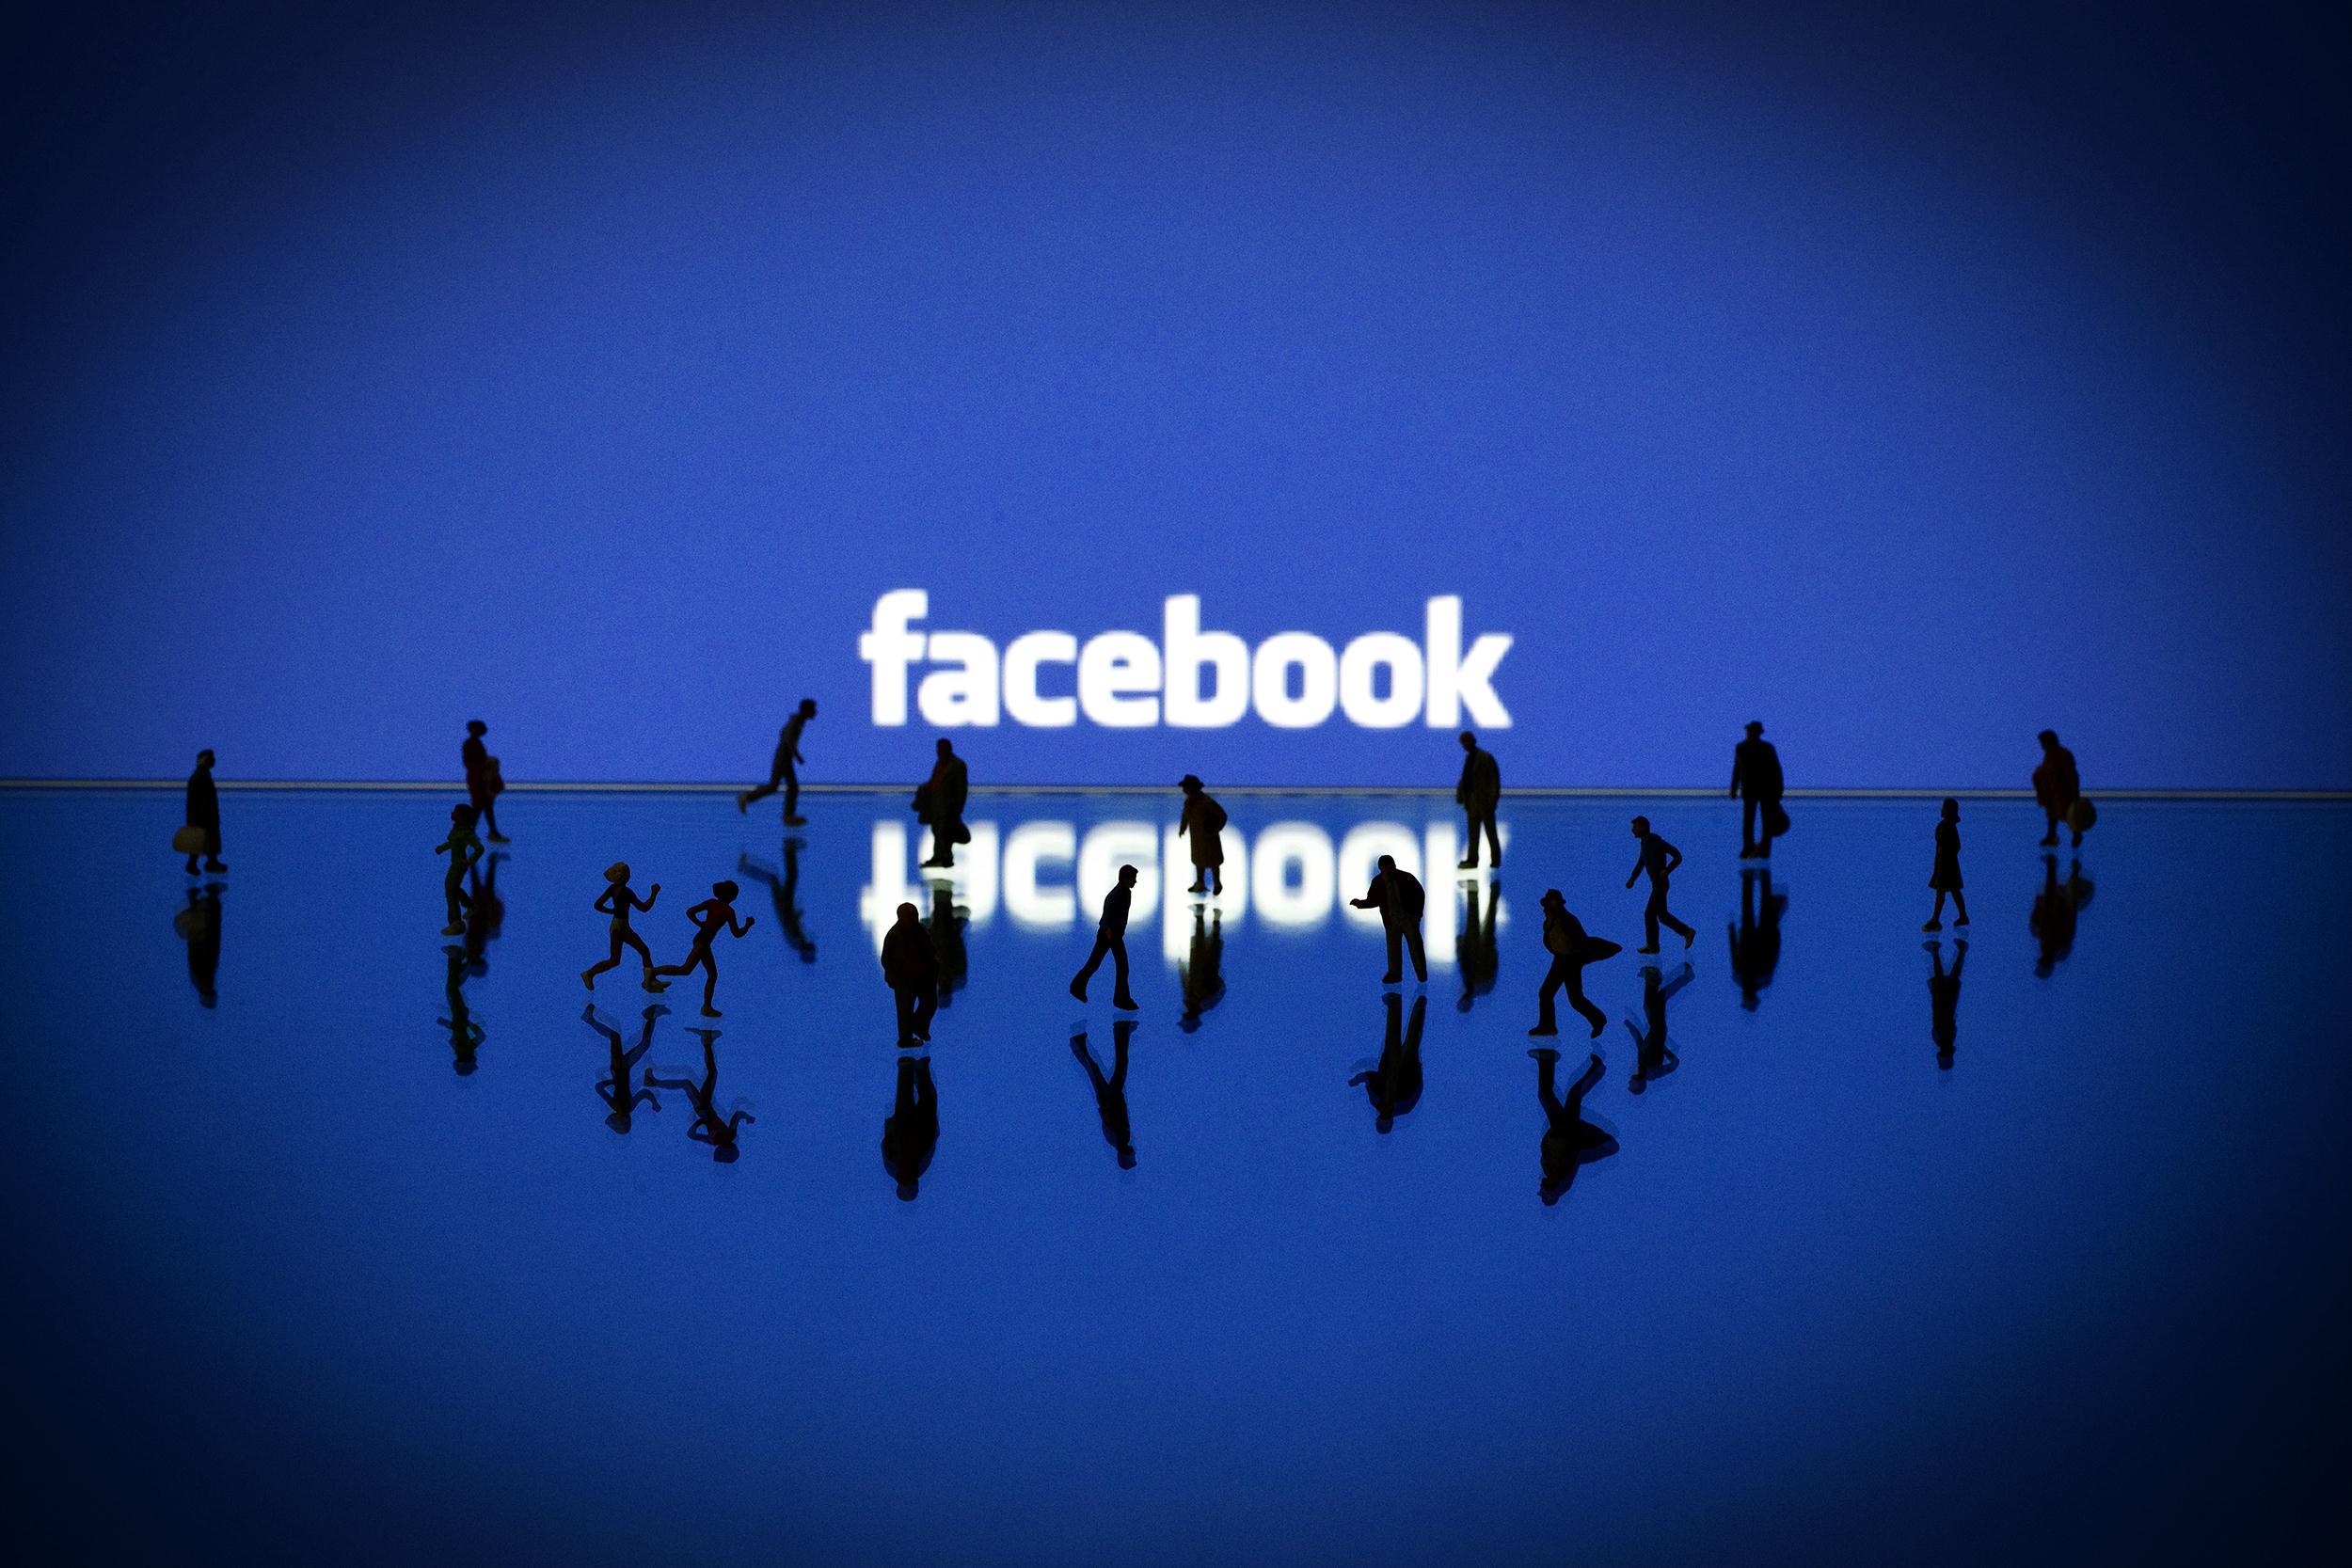 Кількість користувачів Facebook перевищила 1,5 мільярда